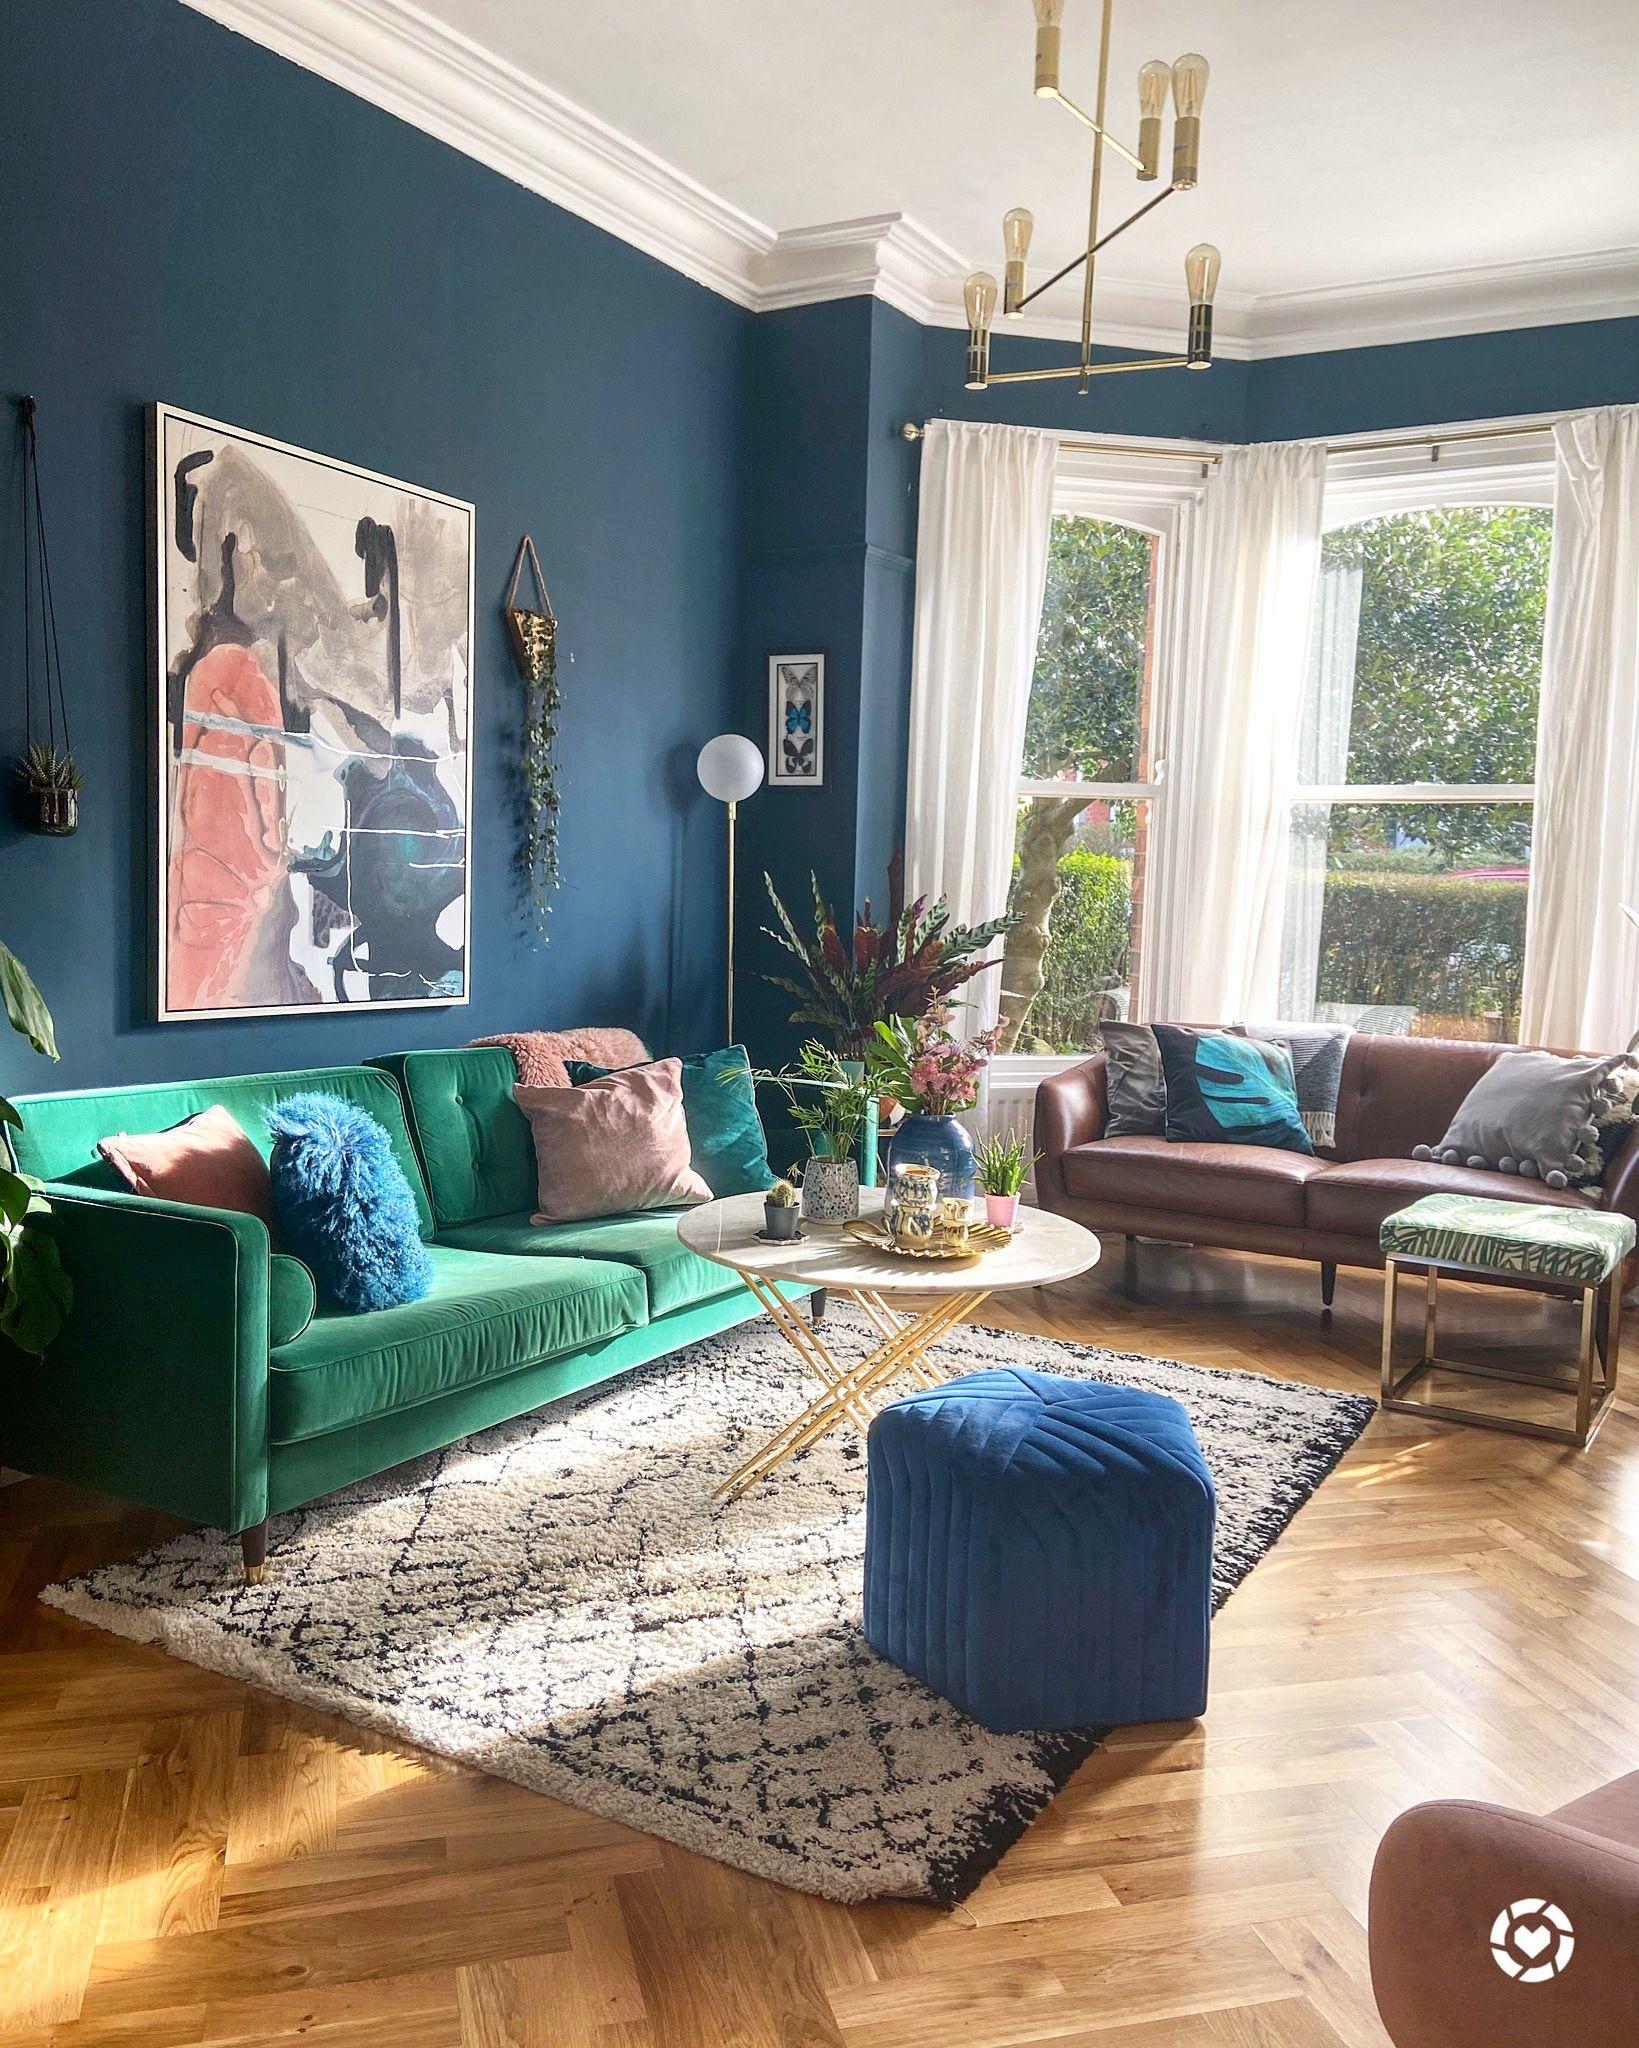 Green Sofa Living Room Design Living Room Decor In 2020 G